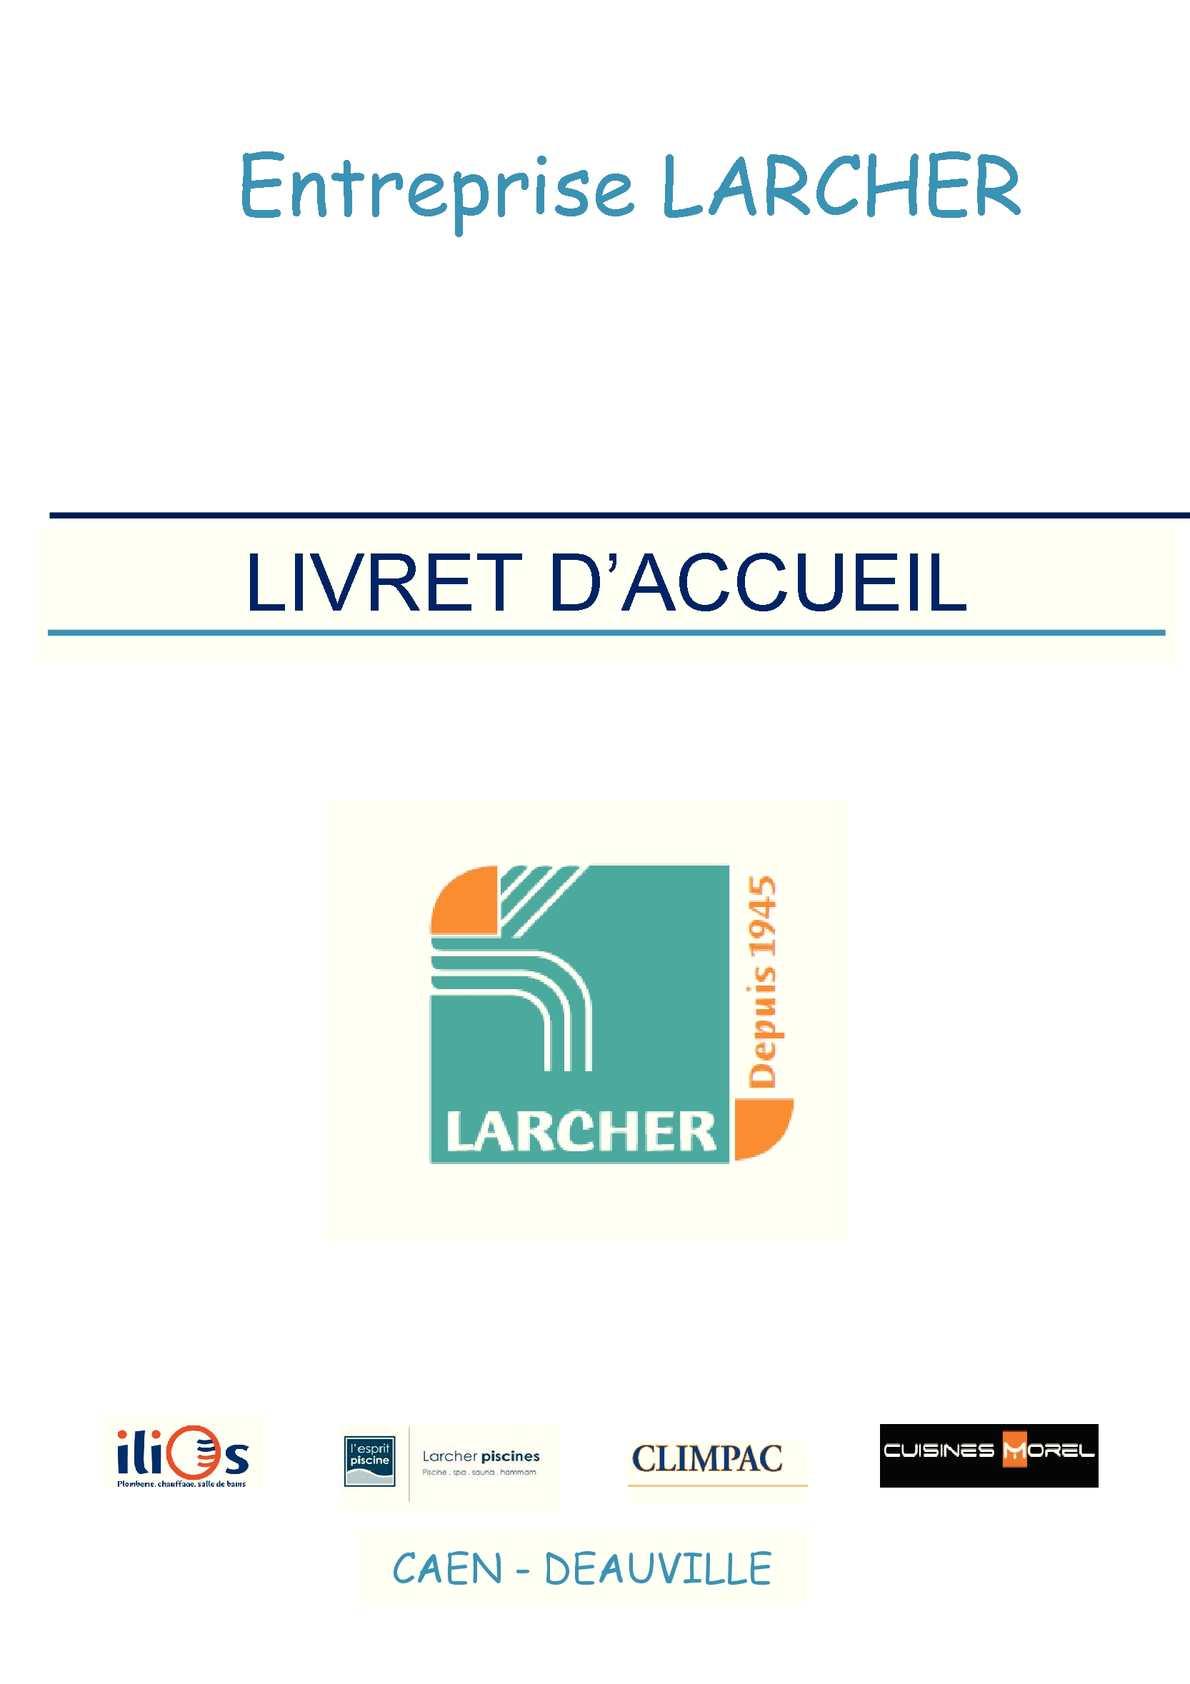 Calaméo - Livret d'accueil entreprise LARCHER